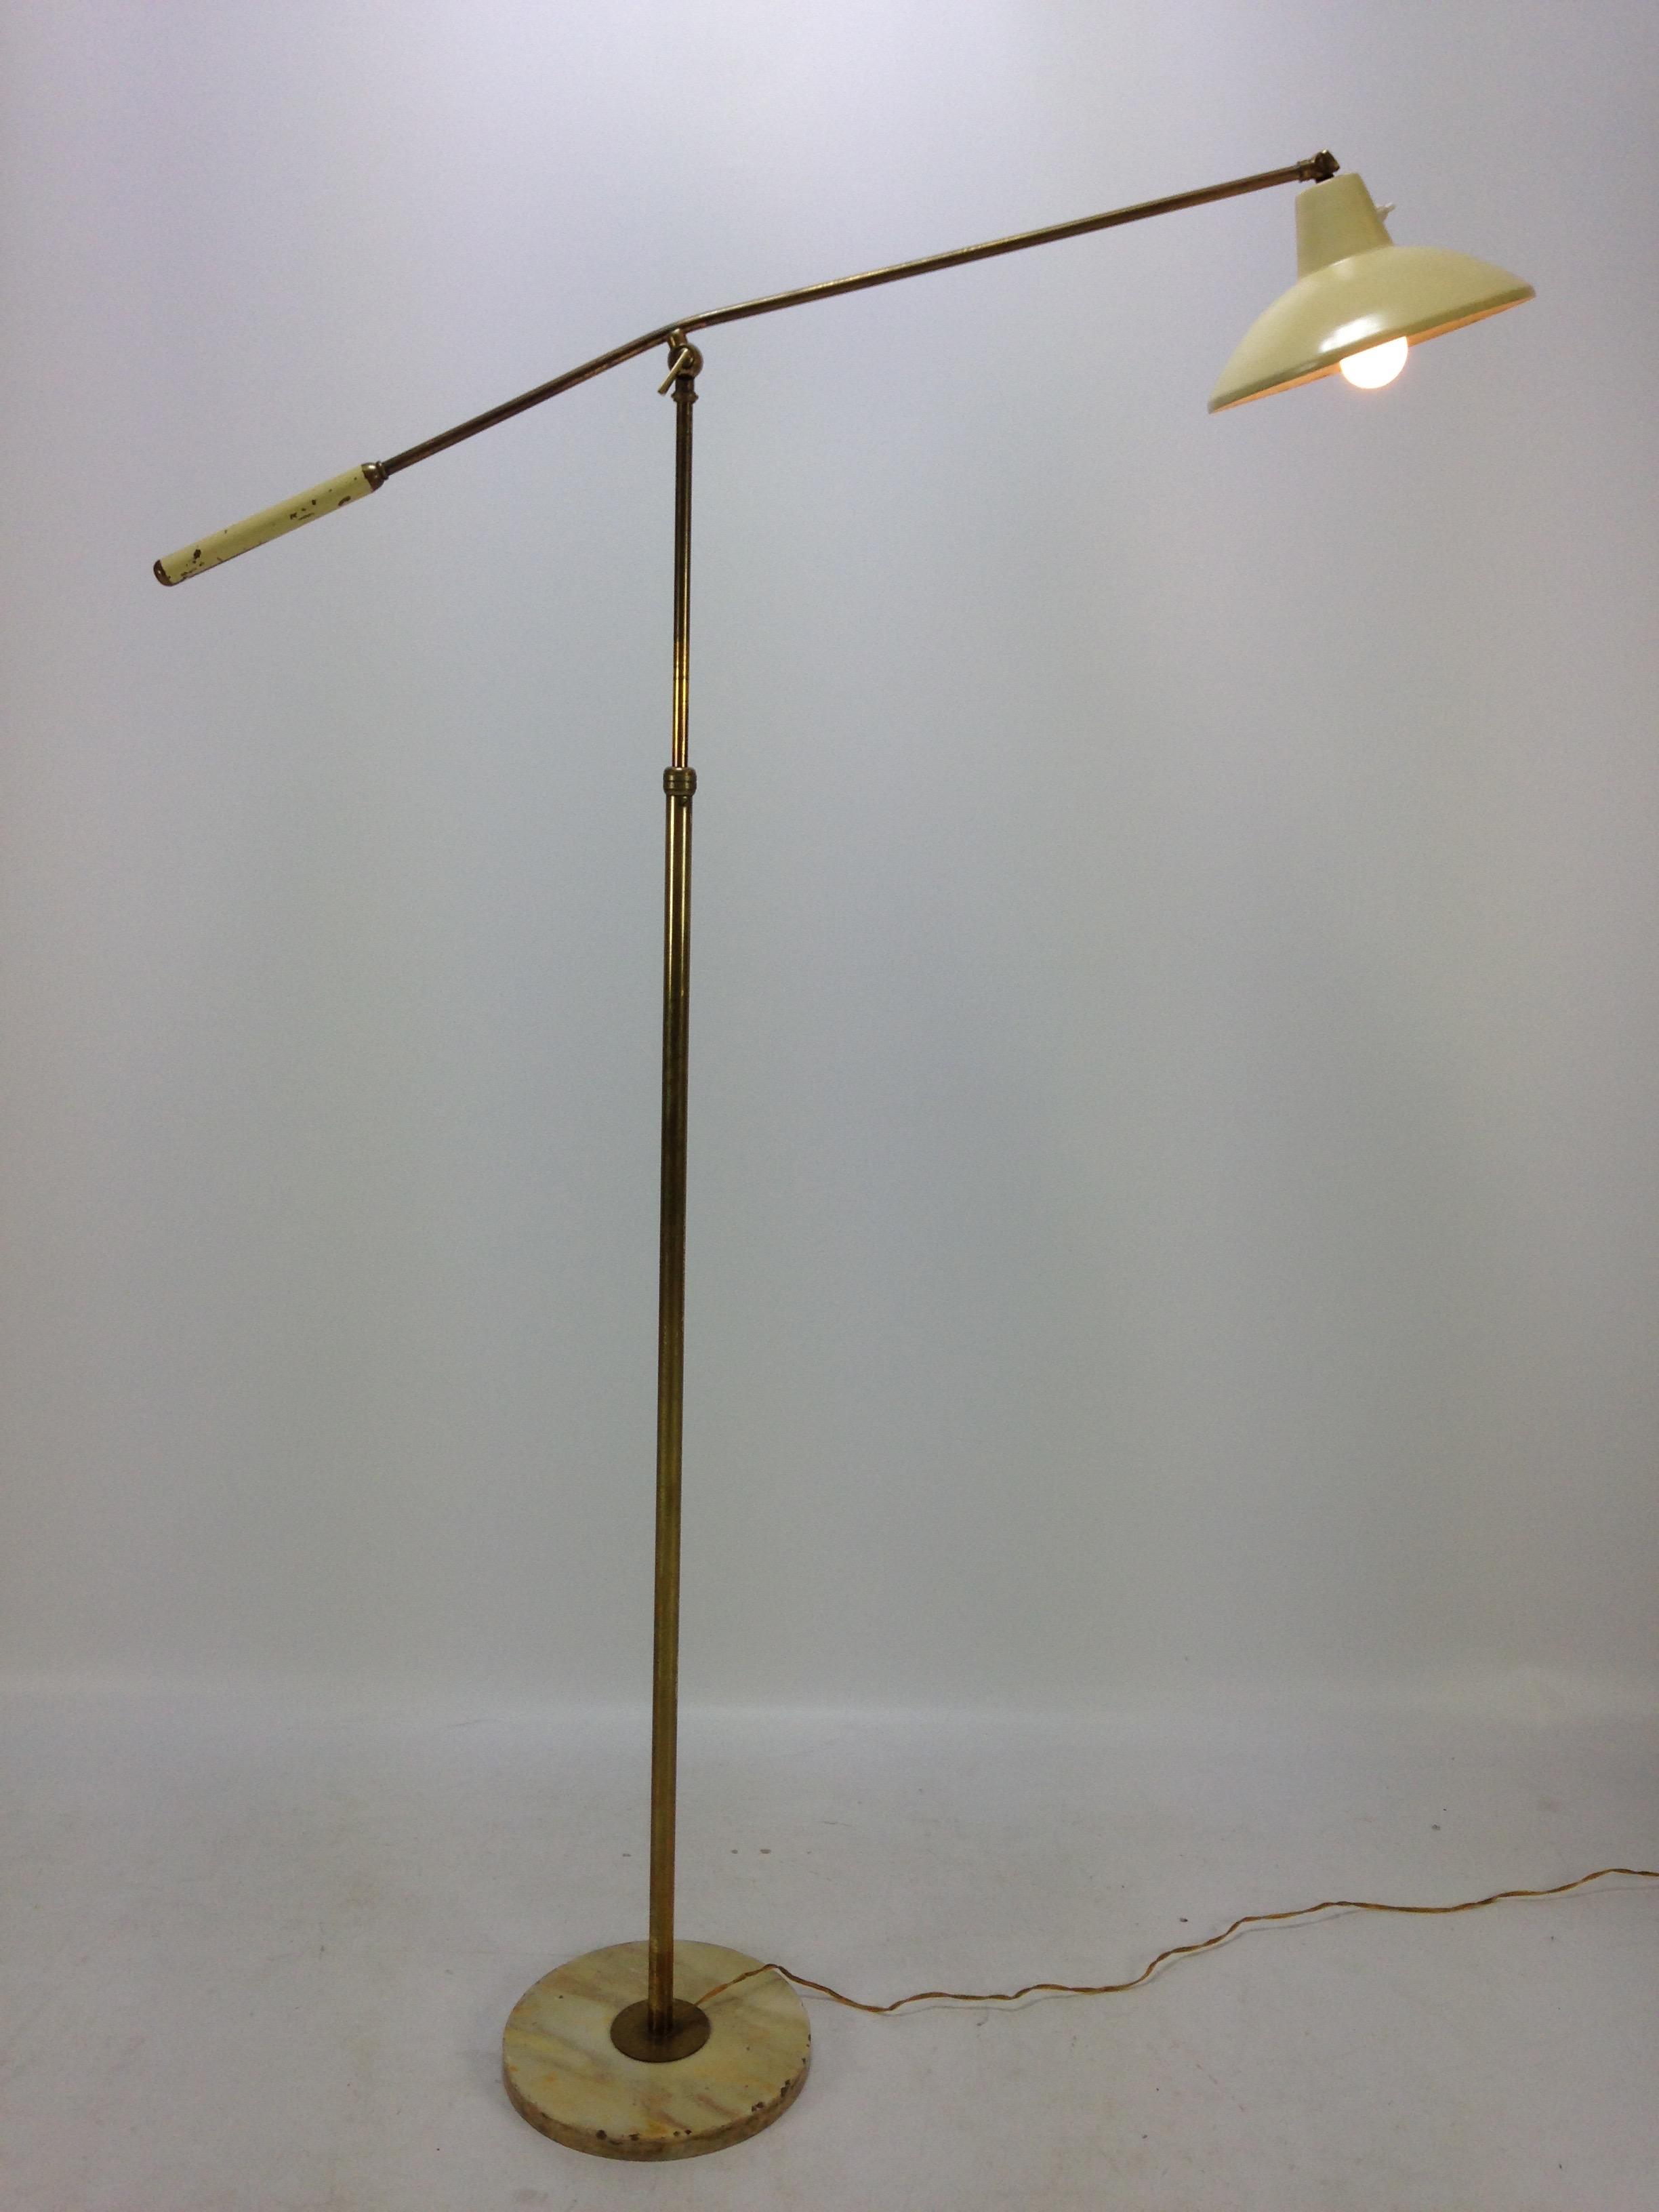 Italian Stilux floor lamp, 1950's